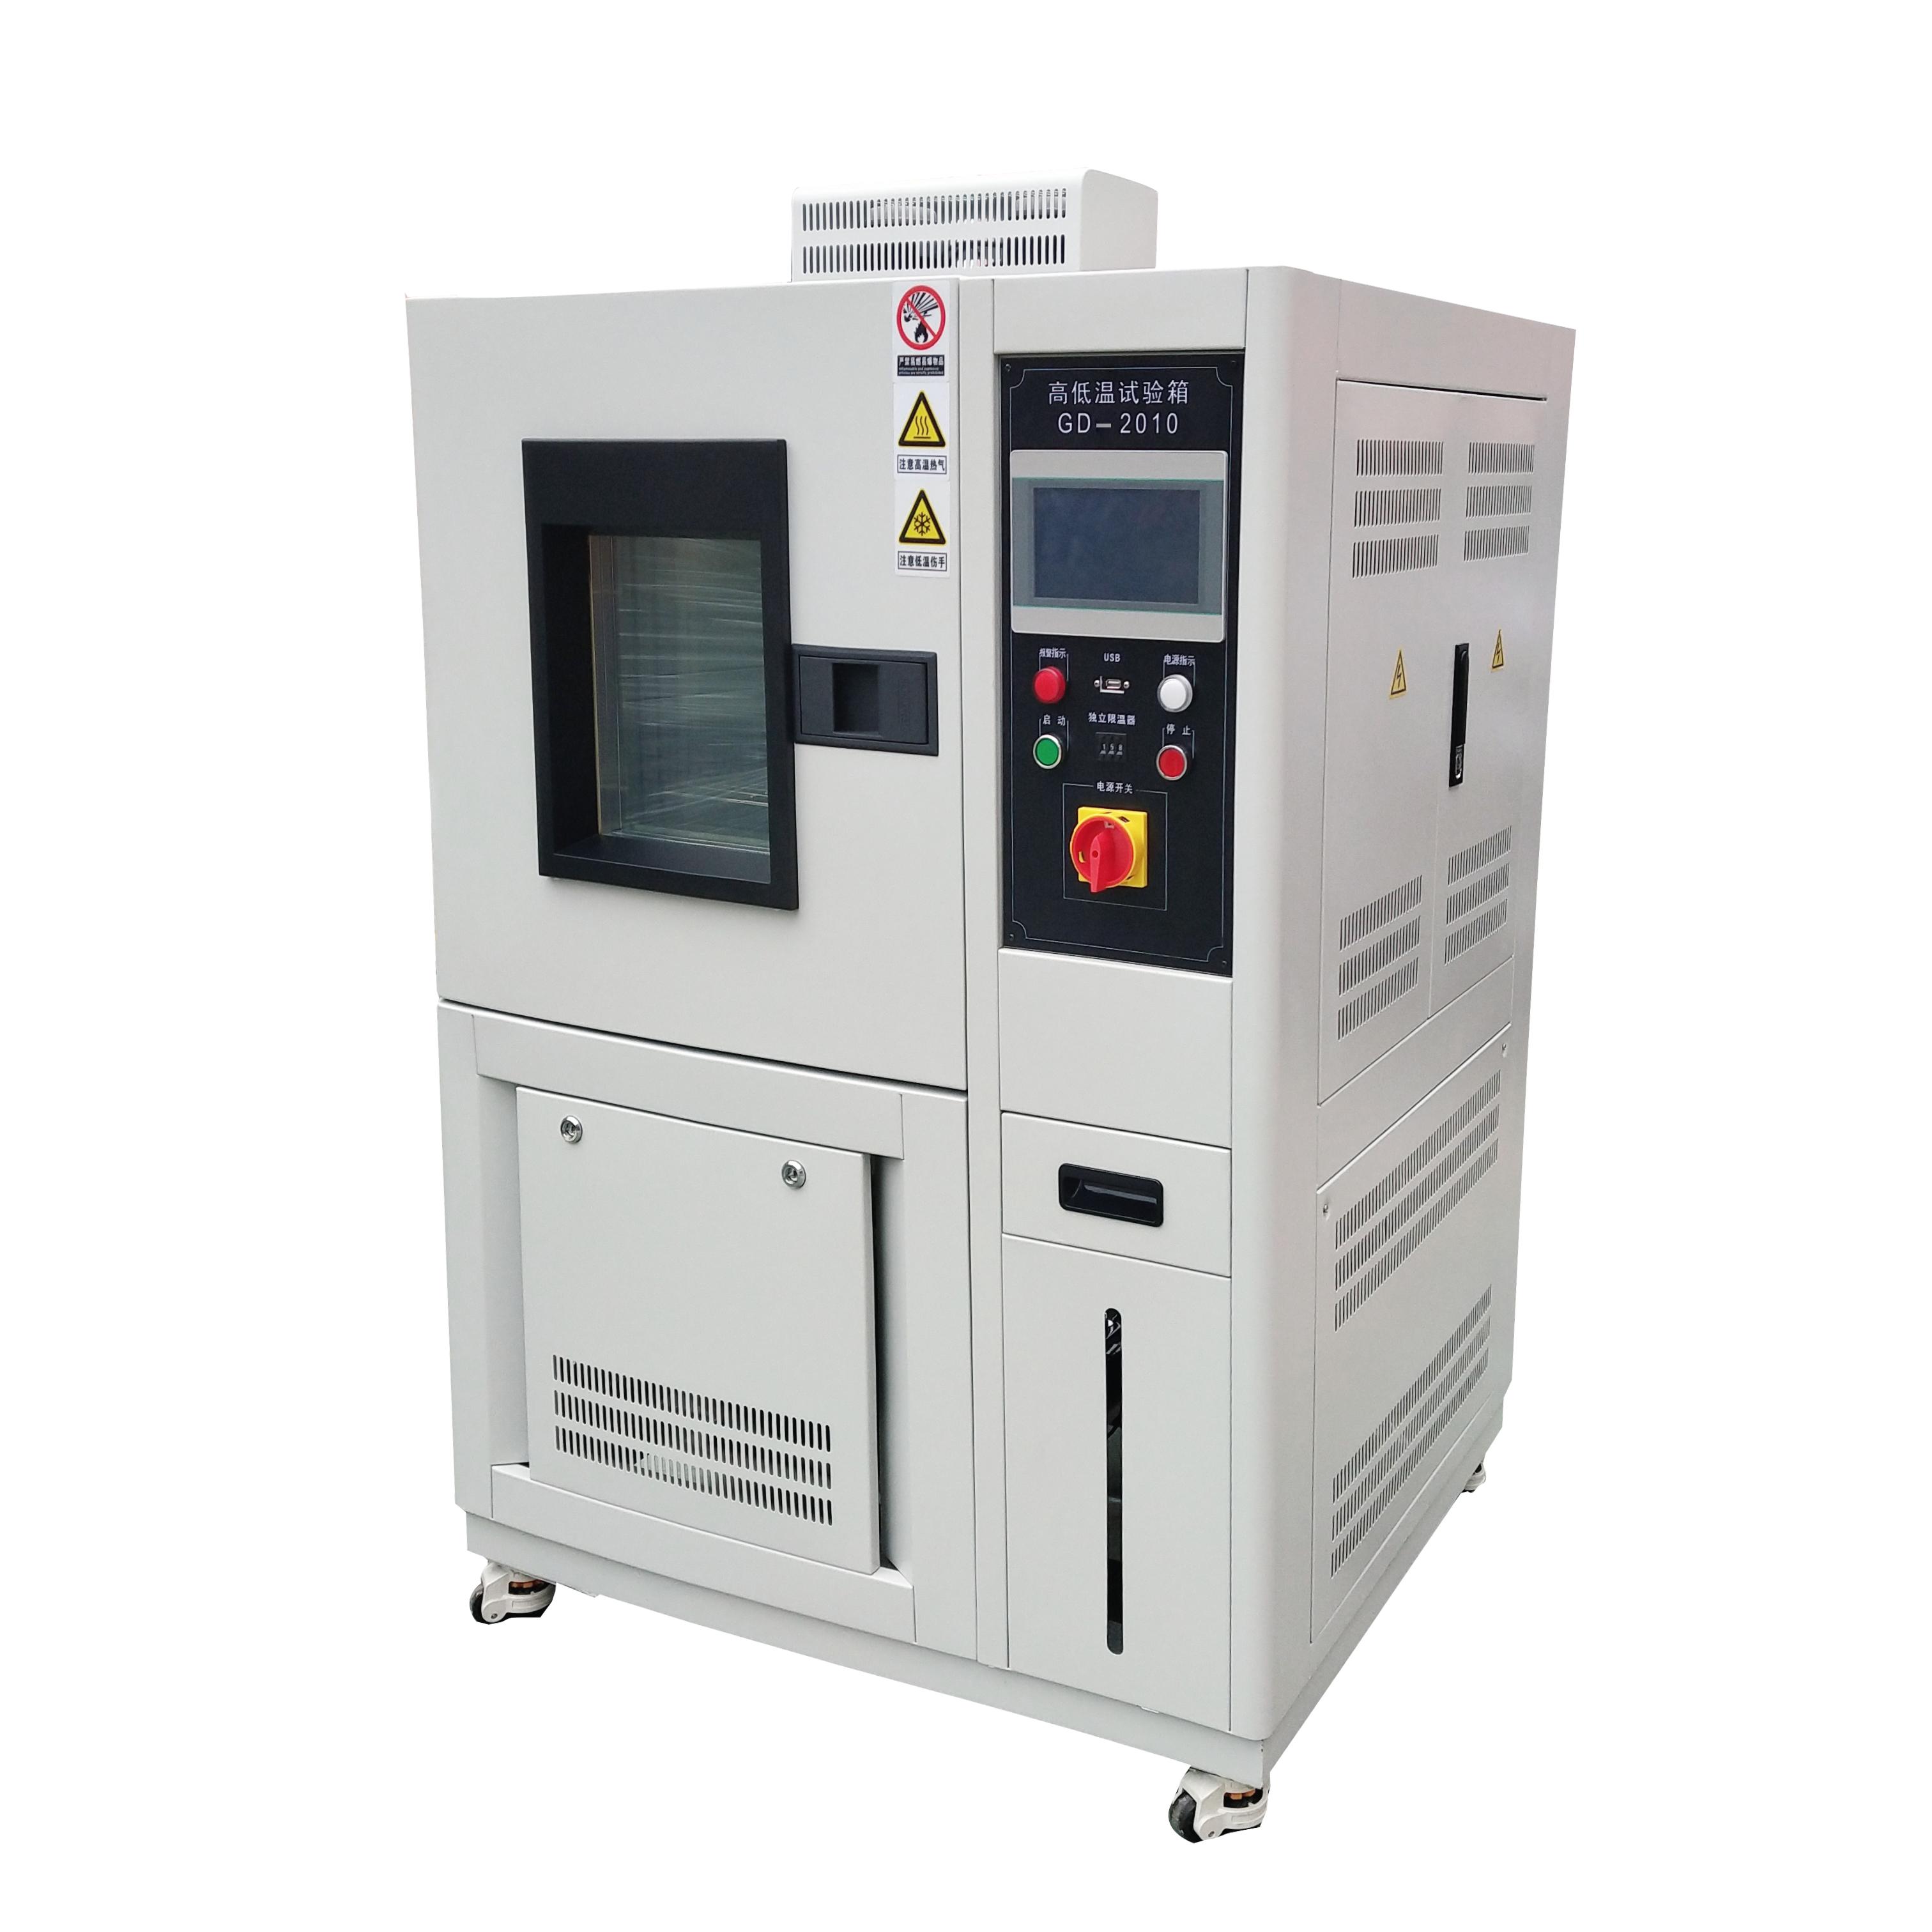 上海实验设备生产 -20度100L湿热试验箱/高低温湿热试验箱厂家生产 湿热试验箱